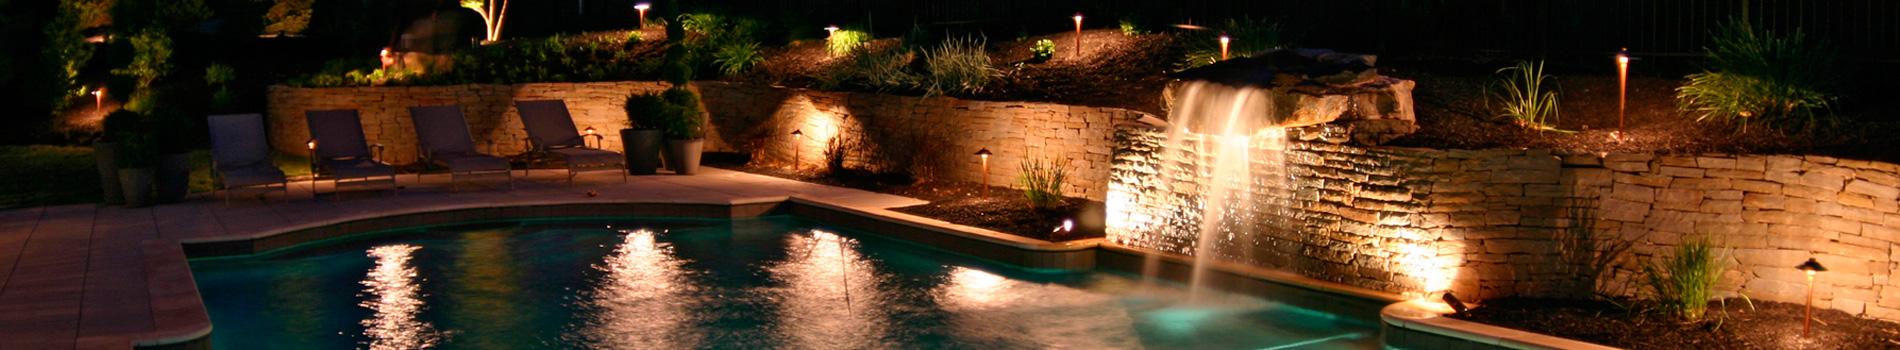 Lumiproiluminacion De Exterior En Monterreyfocos Para Jardin - Iluminacion-para-exteriores-jardines